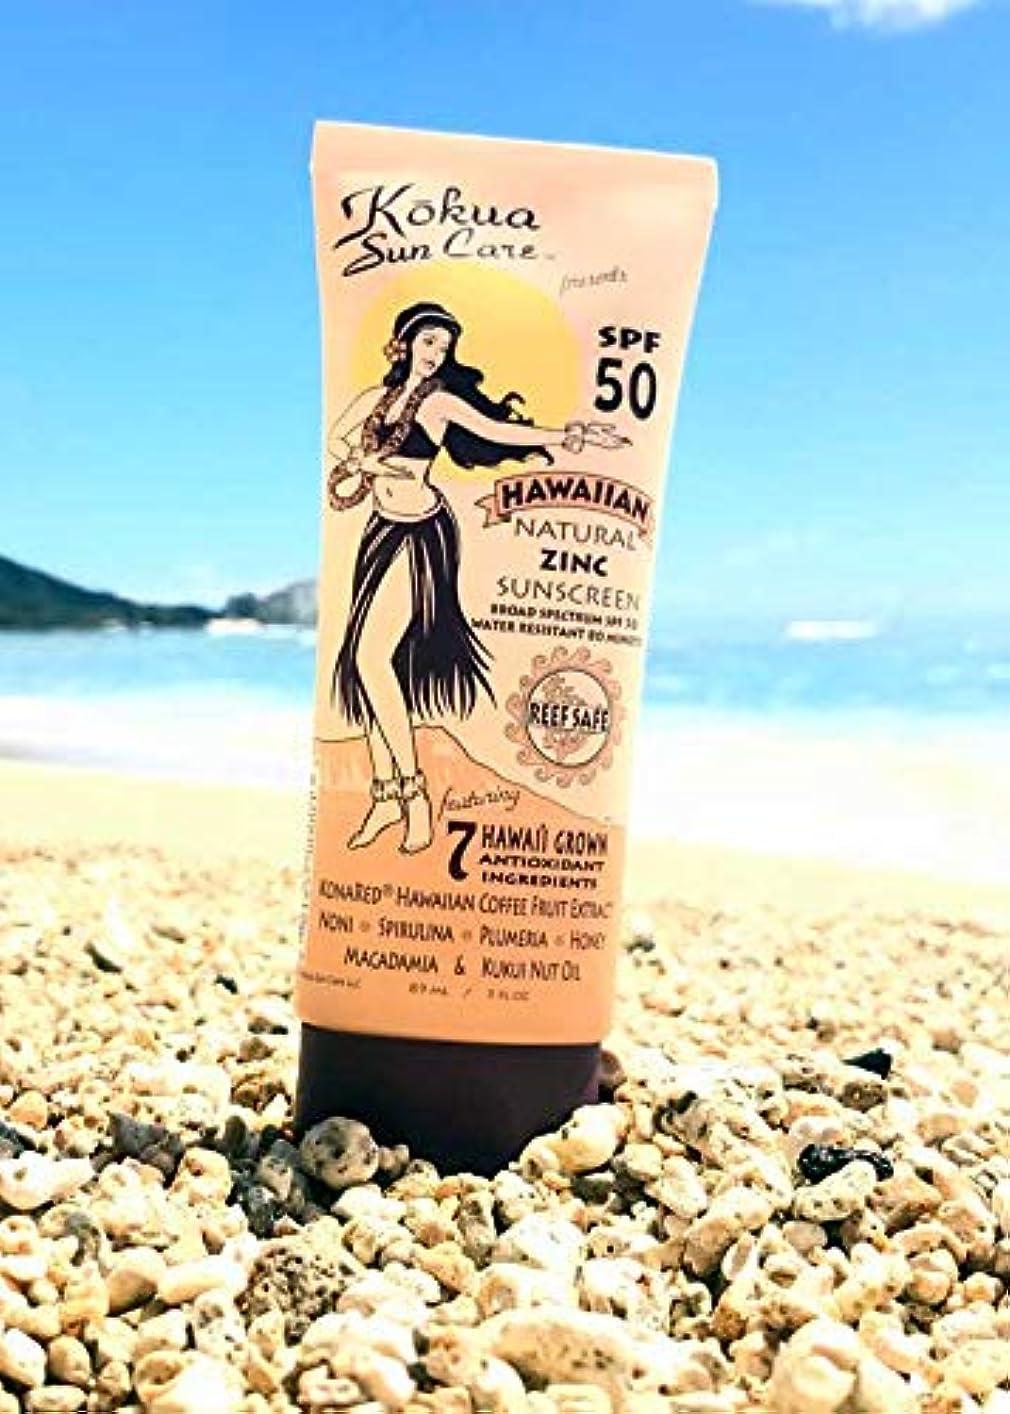 規制過ち先生コクア サン ケア Kokua Sun Care 日焼け止め サンスクリーン オーガニック Natural Sunscreen SPF 50 89ml 3FL OZ